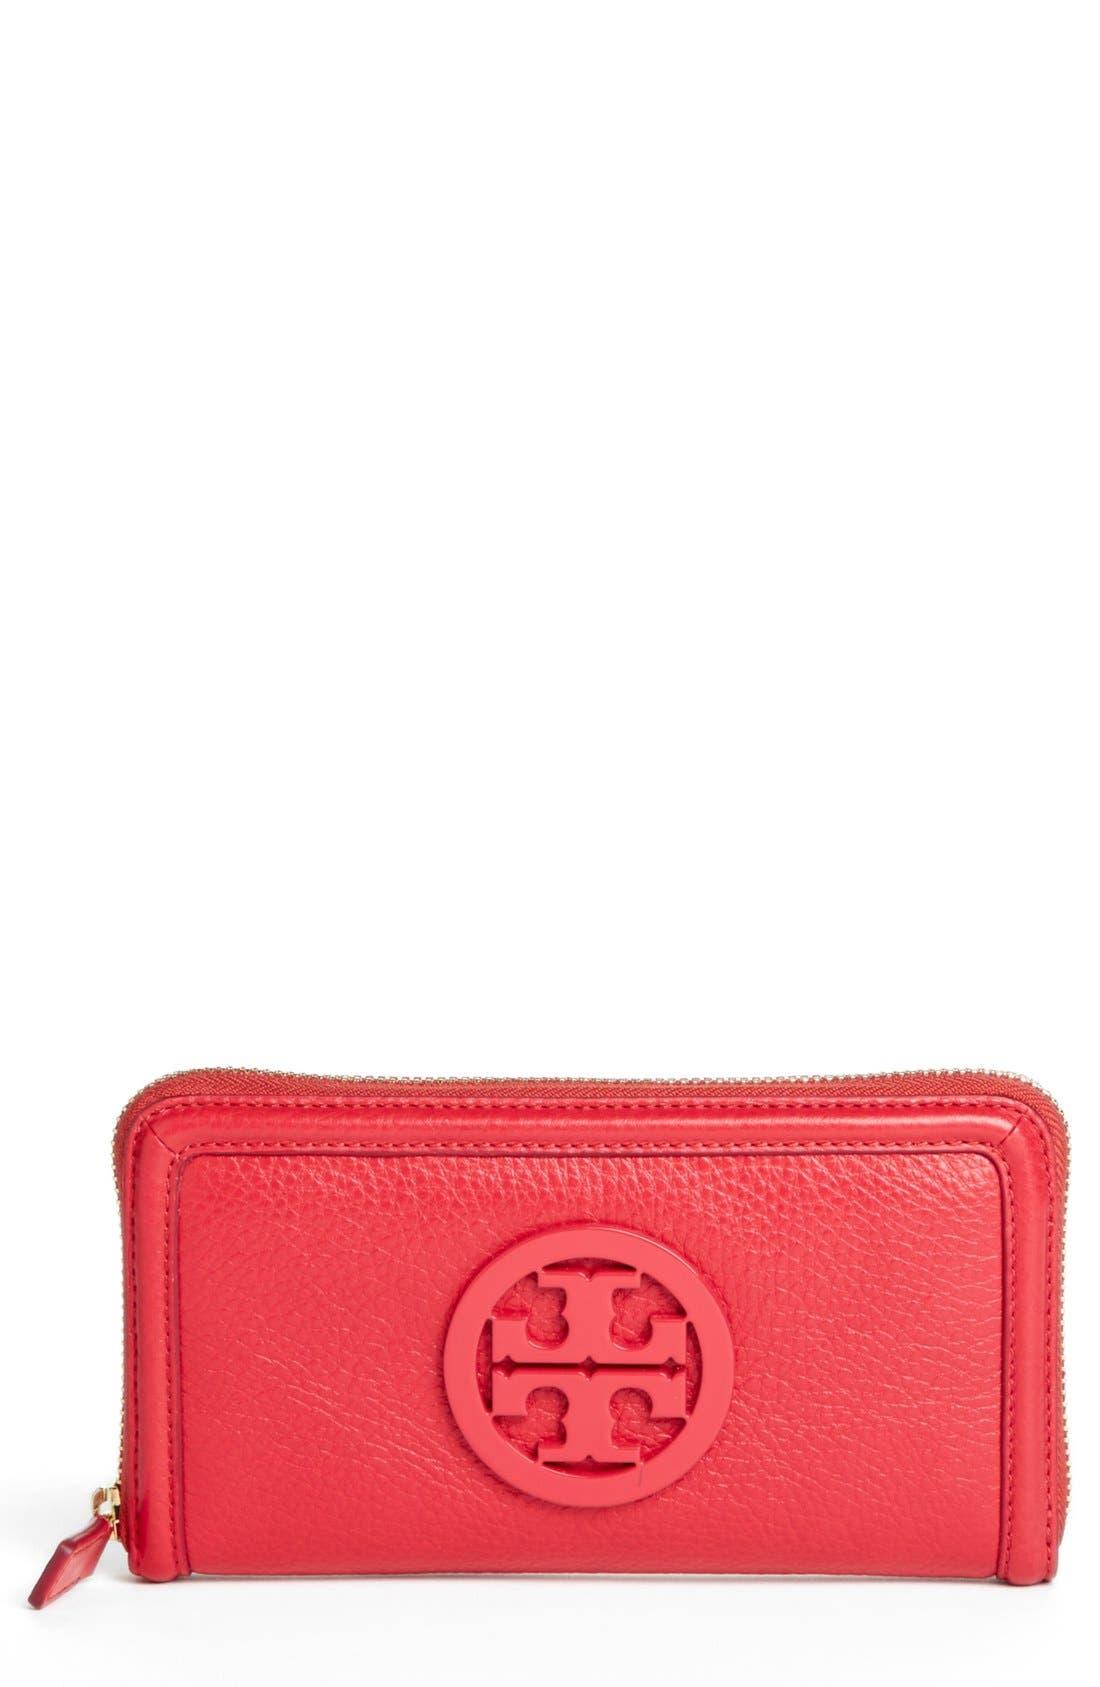 TORY BURCH, 'Amanda' Continental Wallet, Main thumbnail 1, color, 500